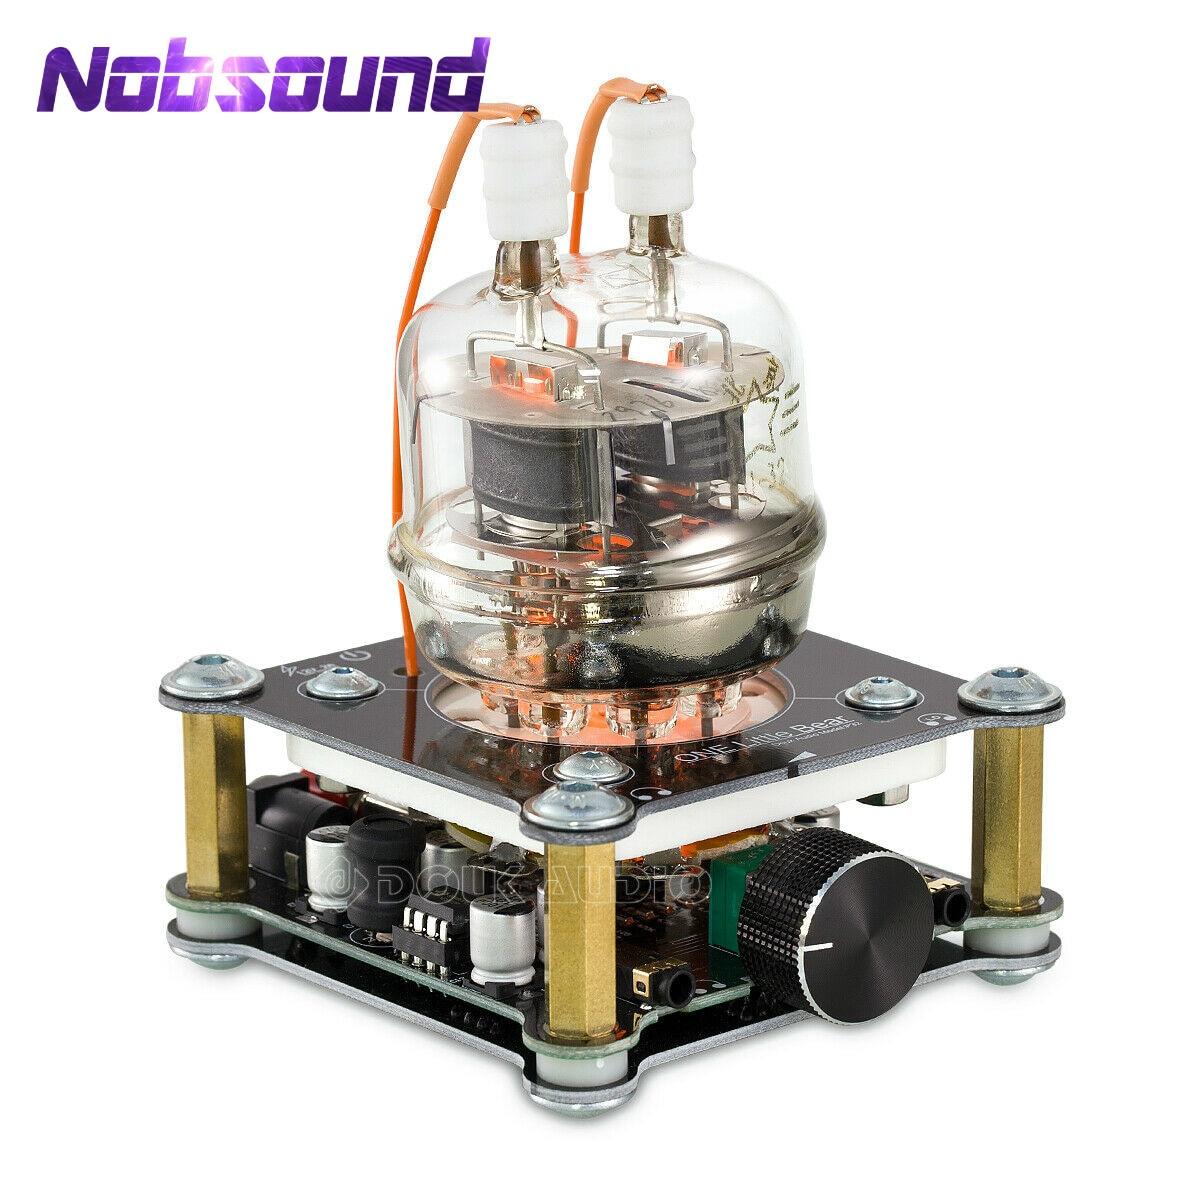 Nobsound Mini FU32 (832A) Valve Tube Versterker Hi Fi Stereo Voorversterker Desktop Tube Headphone Amp-in Versterker van Consumentenelektronica op  Groep 1